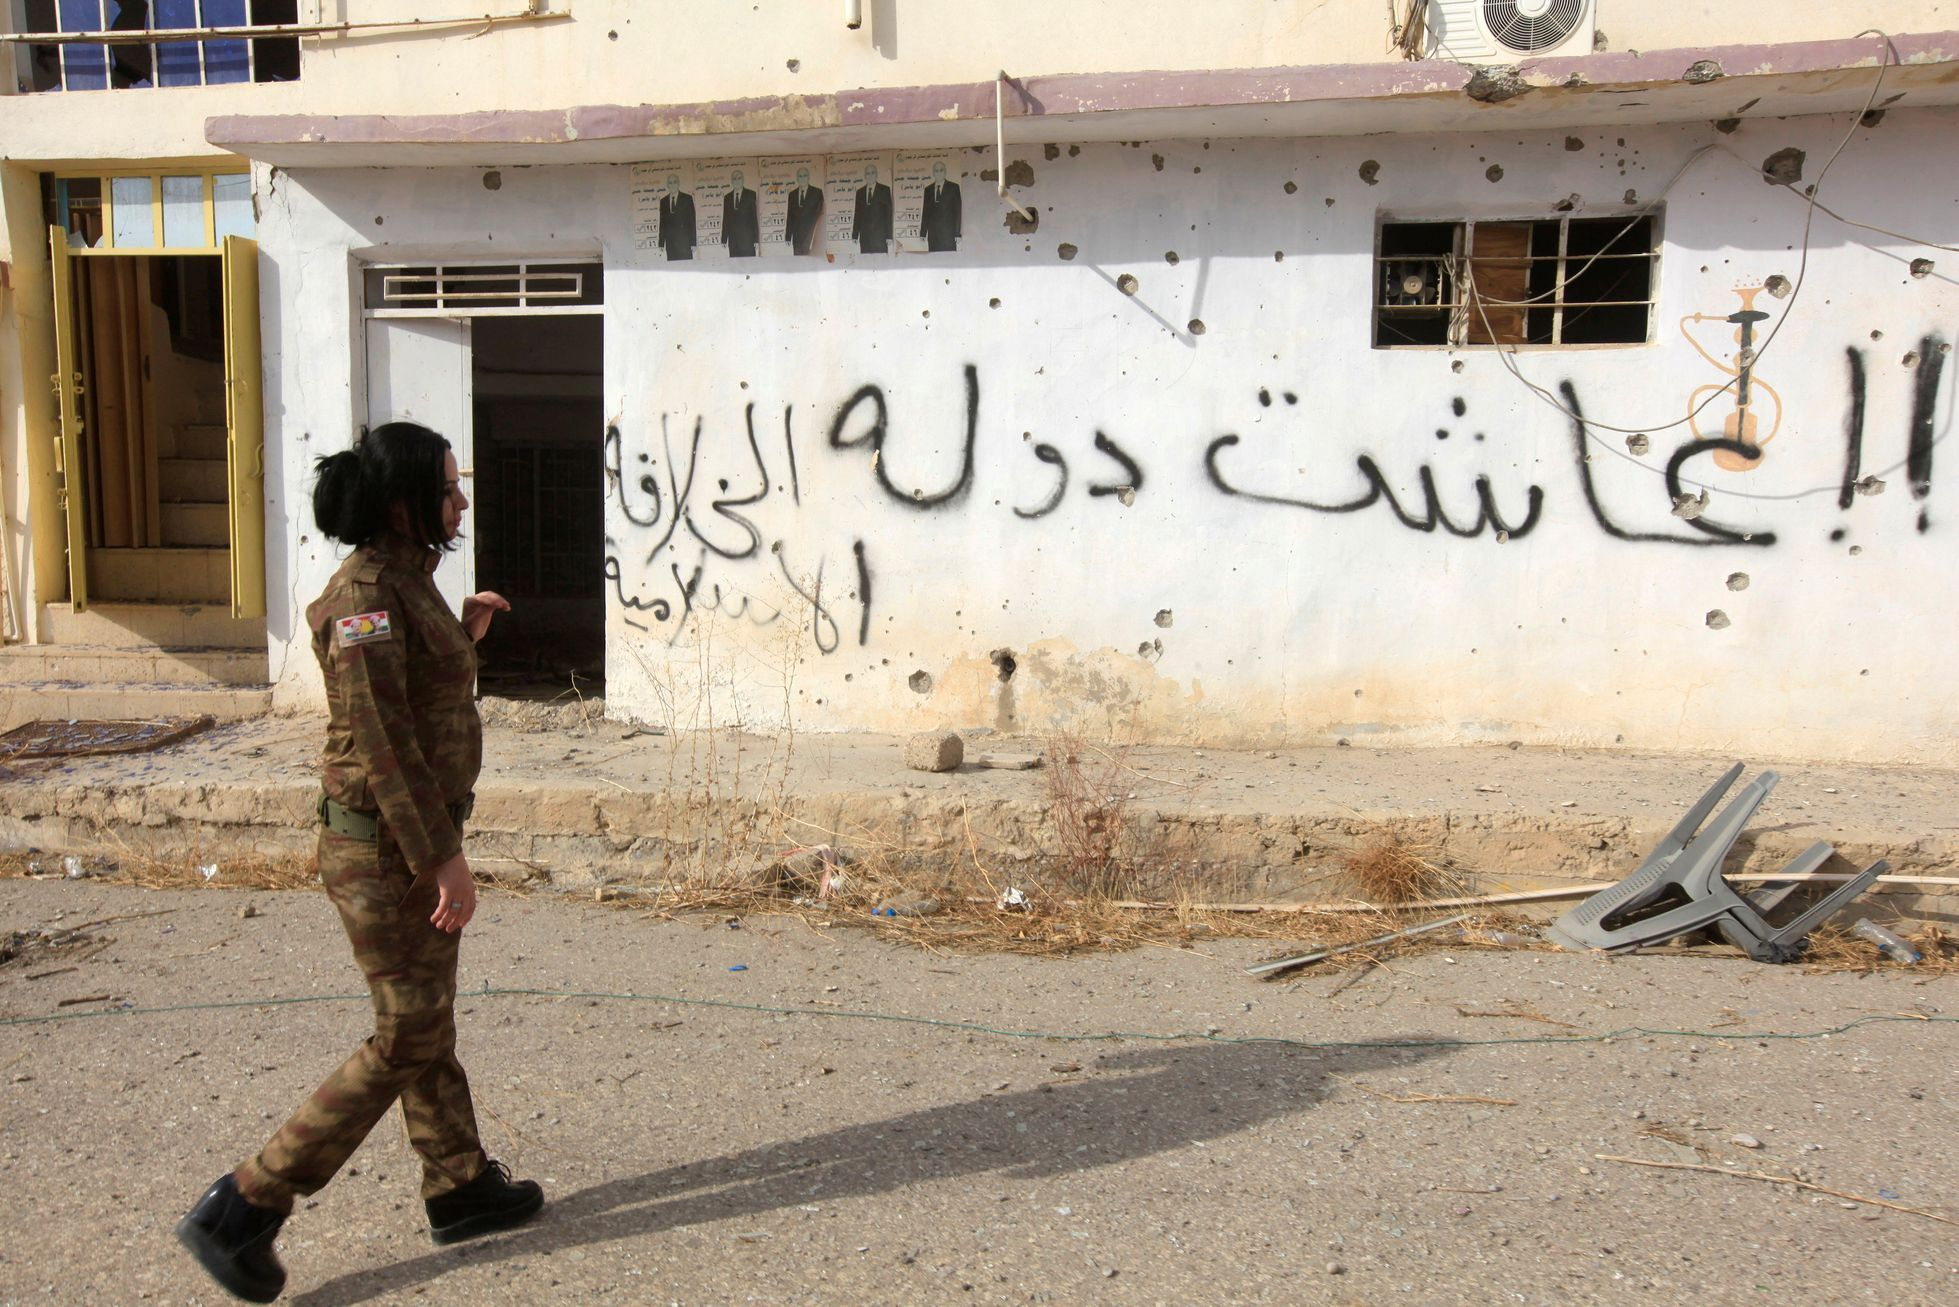 c7ae1e304c3 Desetitisíce Arabů na útěku. V arabských ulicích a čtvrtích hlídkují  kurdské milice - Aktuálně.cz